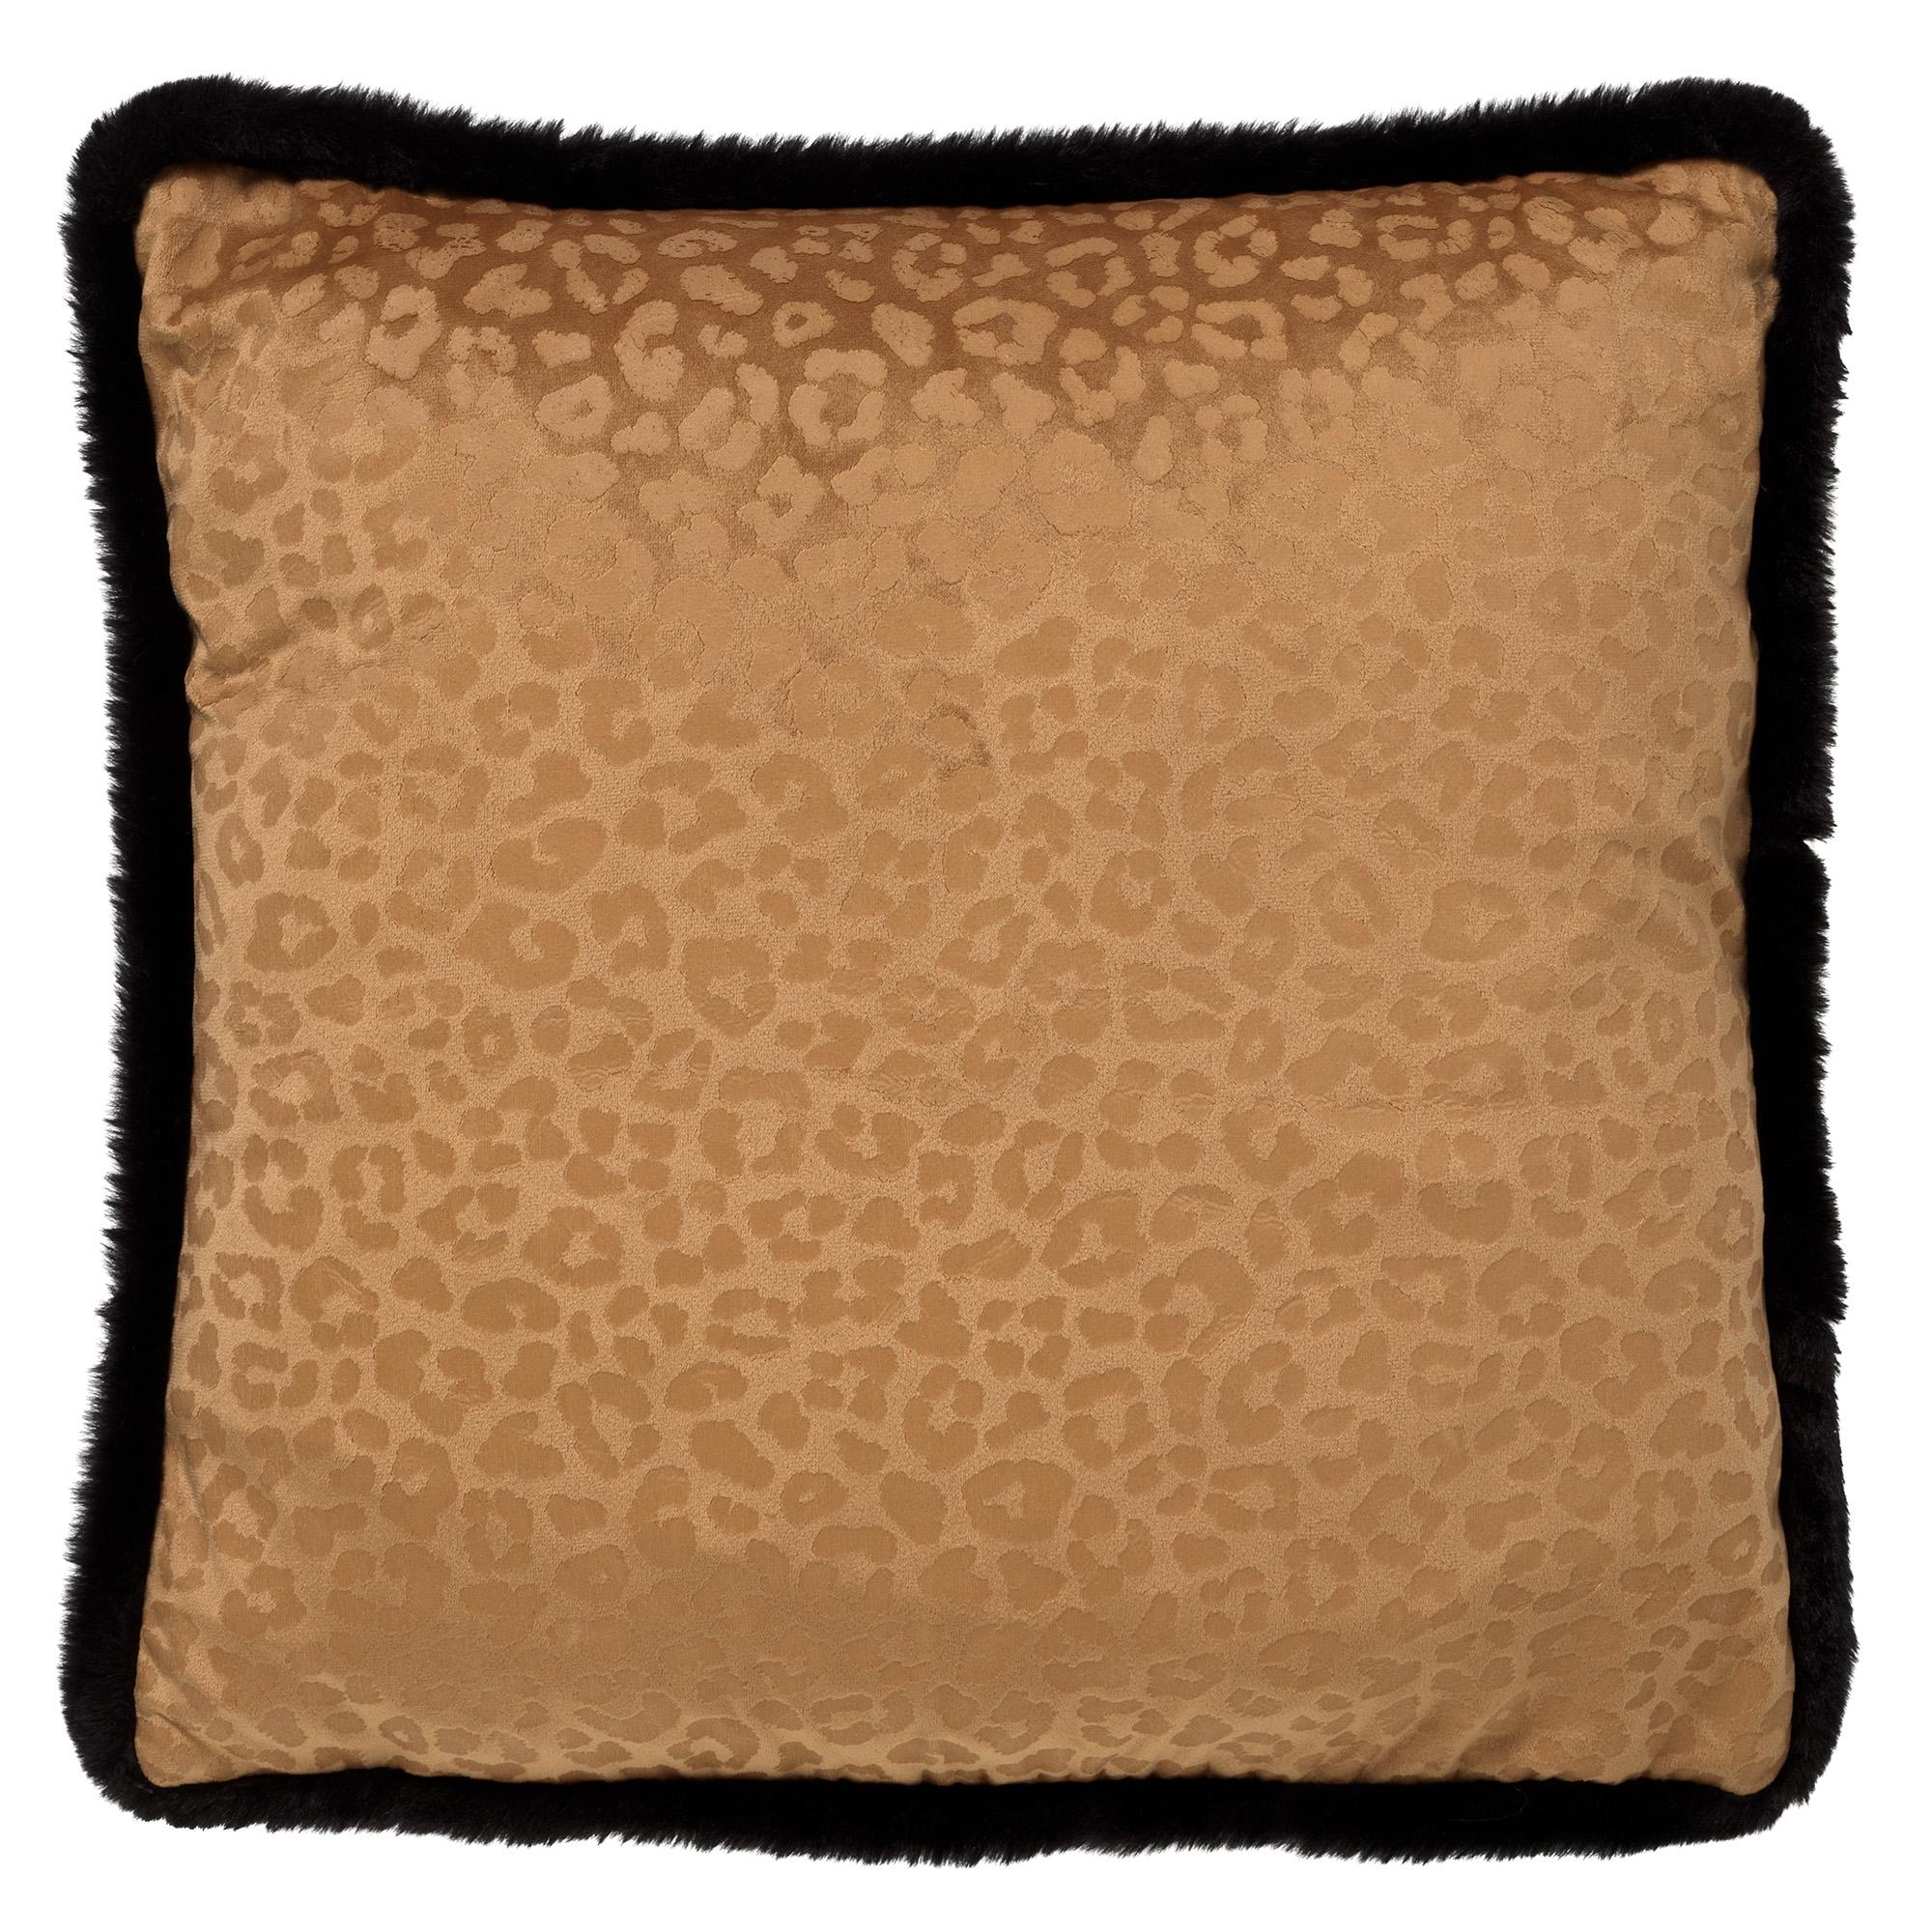 CHEETA - Sierkussen met dierenprint 45x45 cm Tobacco Brown